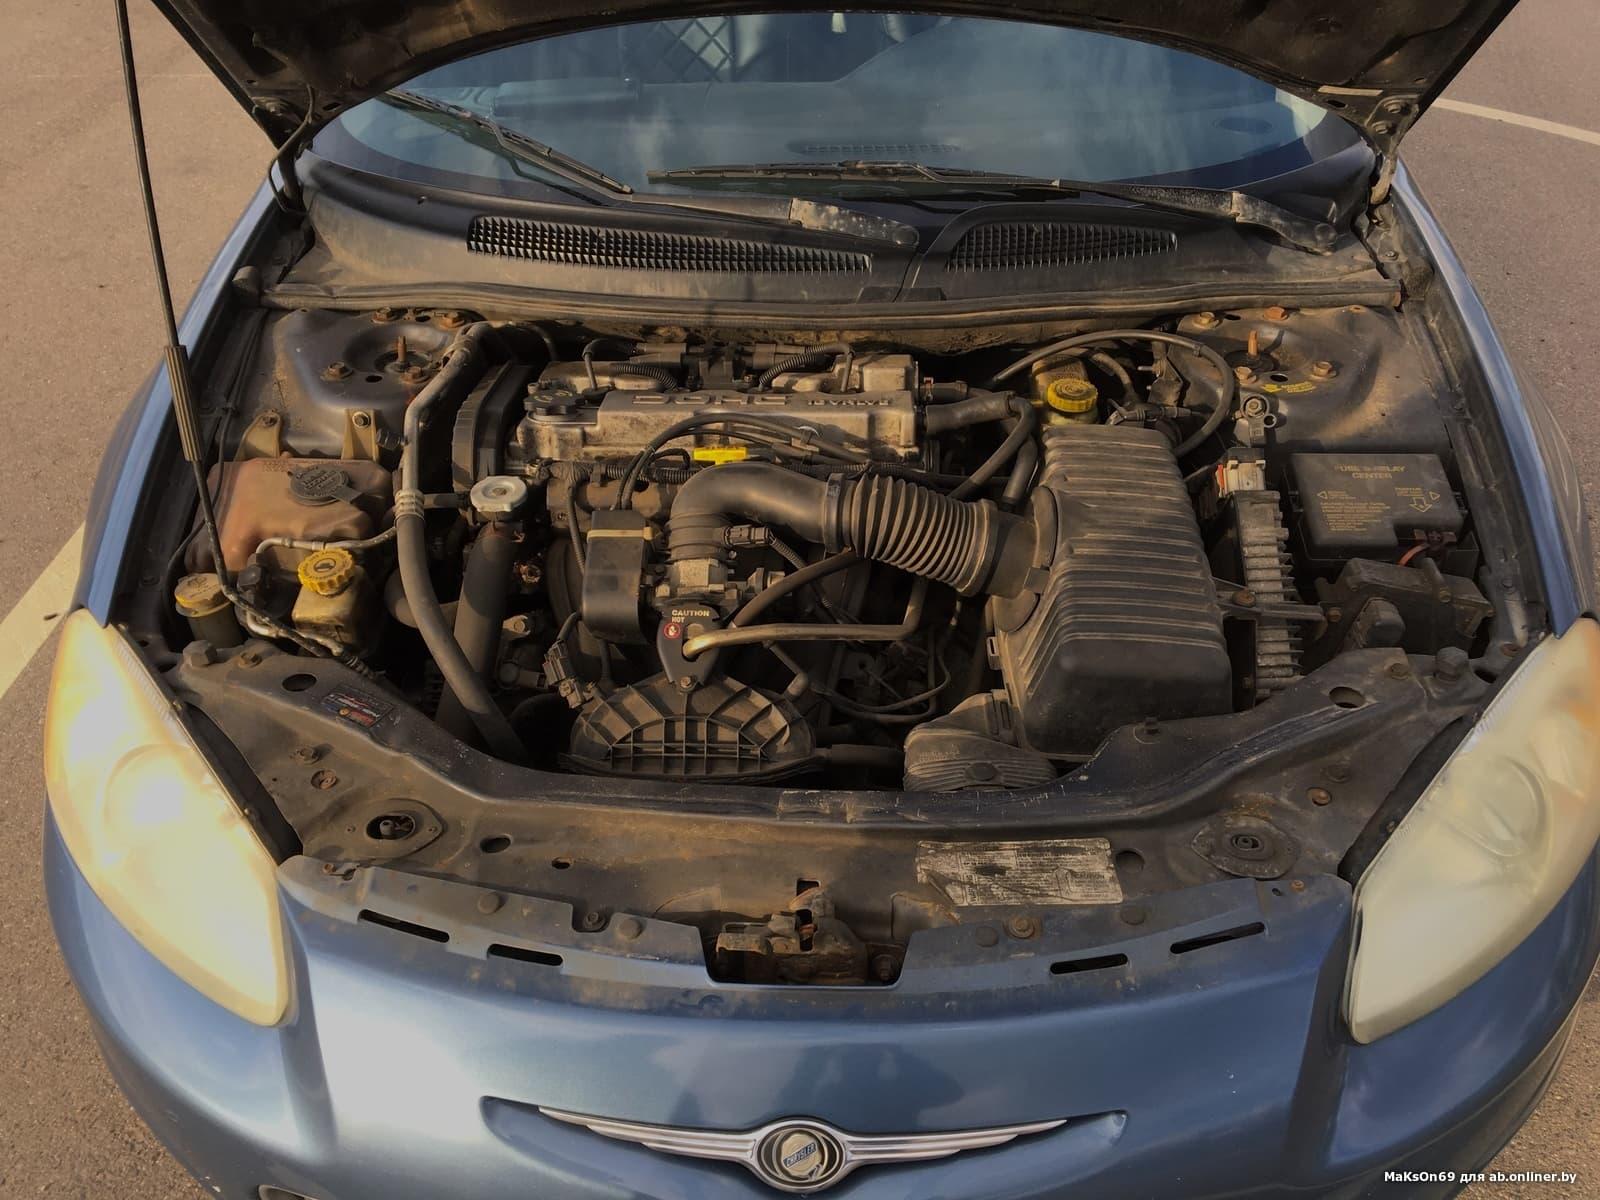 Chrysler Sebring Jr